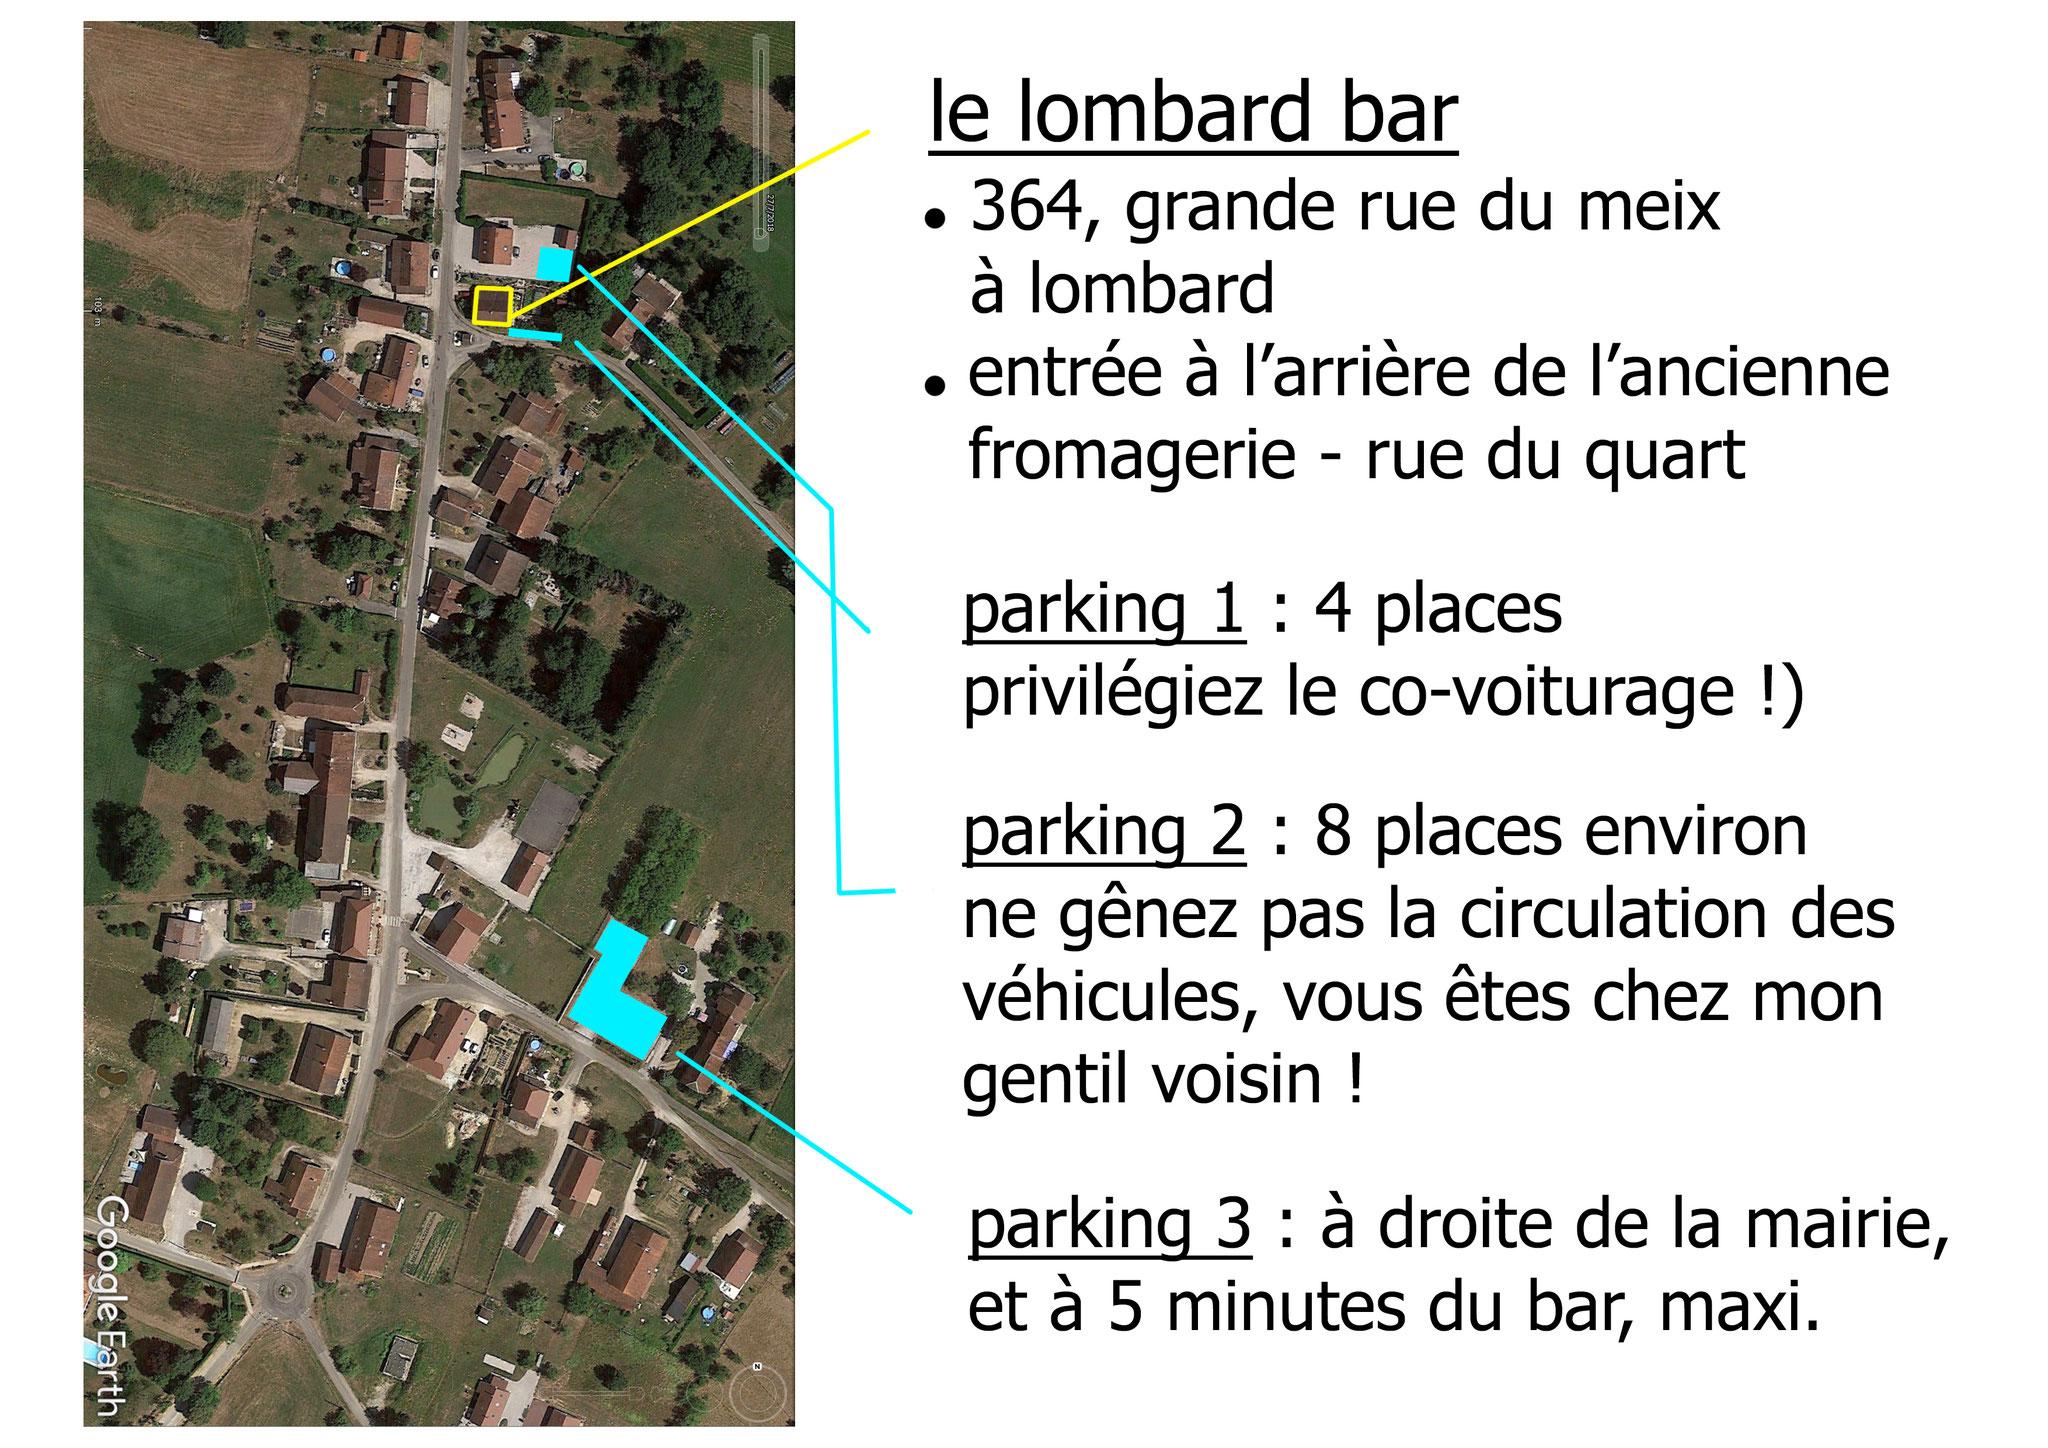 3 parkings, selon le nombre de véhicules et le temps que vous souhaitez passer au lombard bar